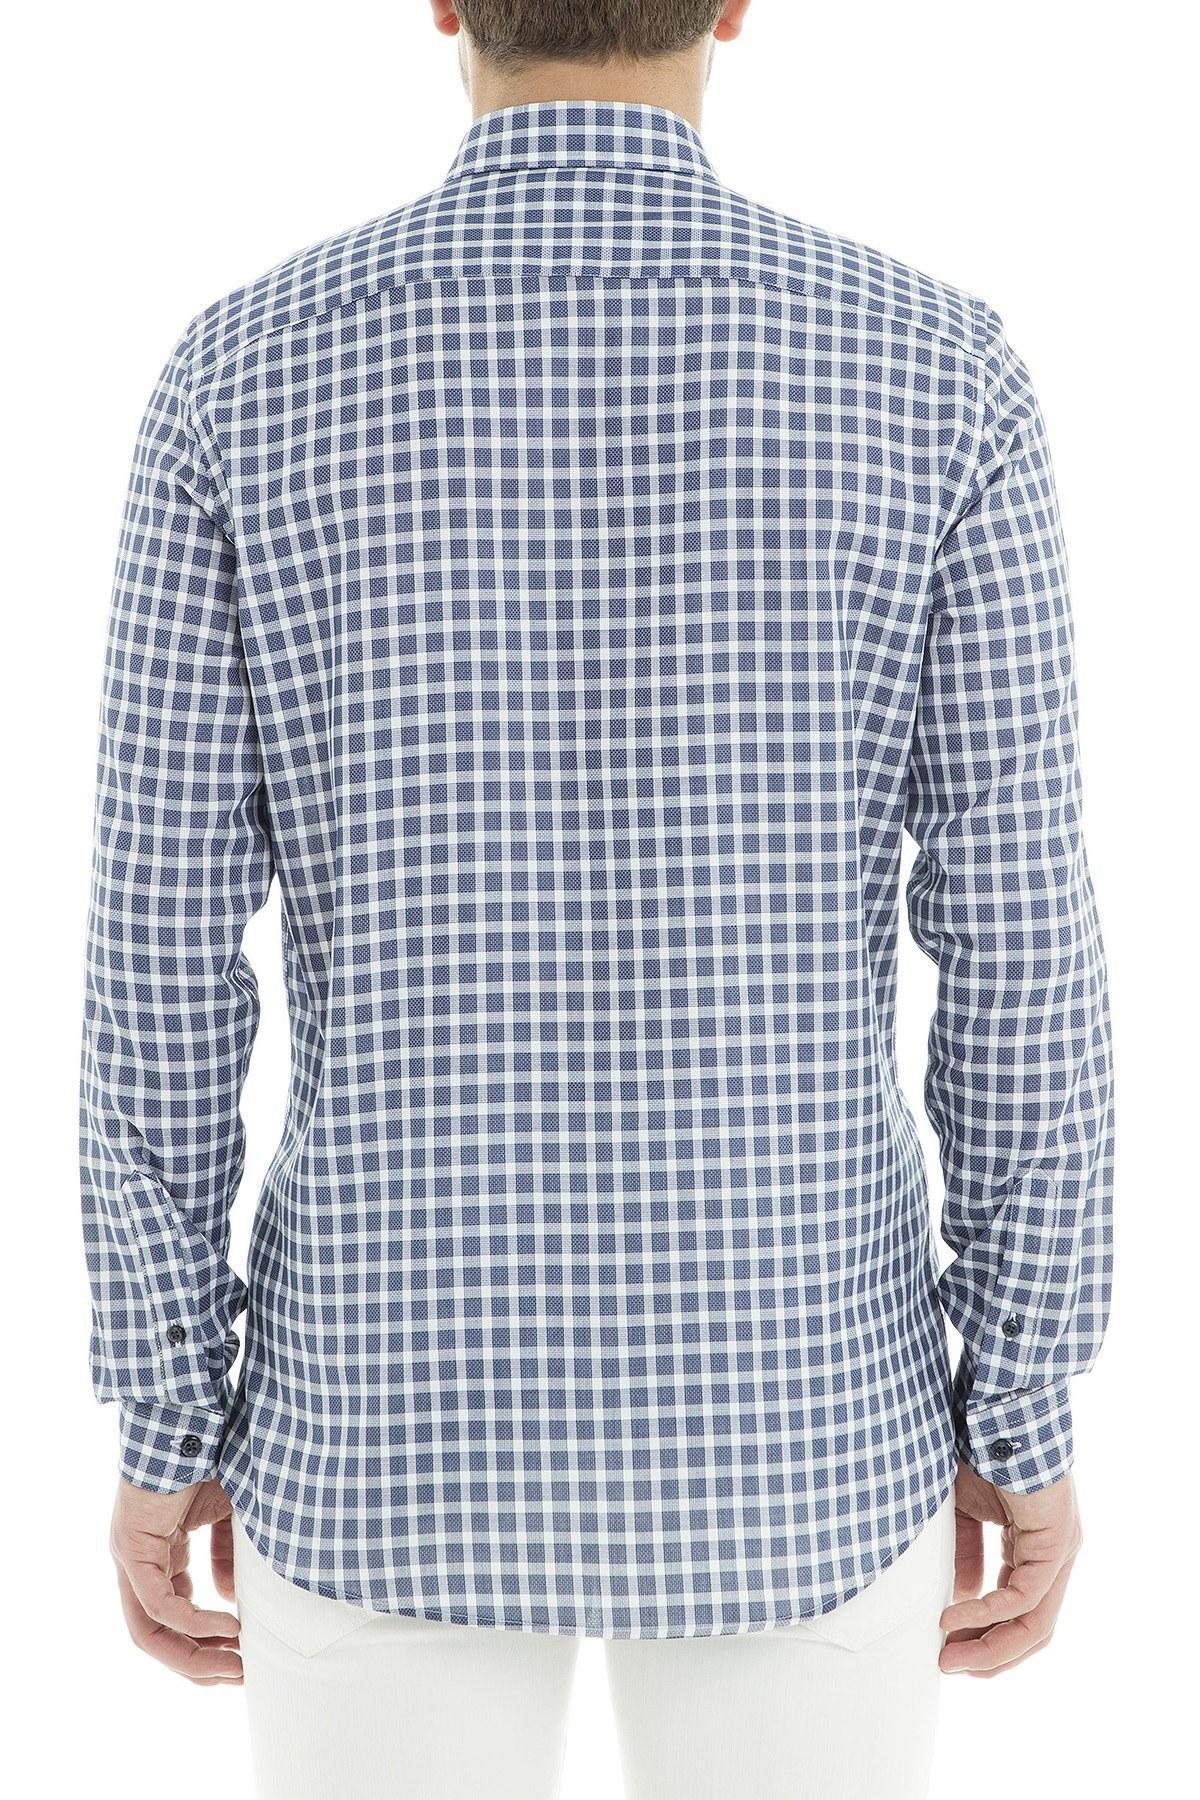 Nautica Erkek Gömlek W91026T 41H GRİ